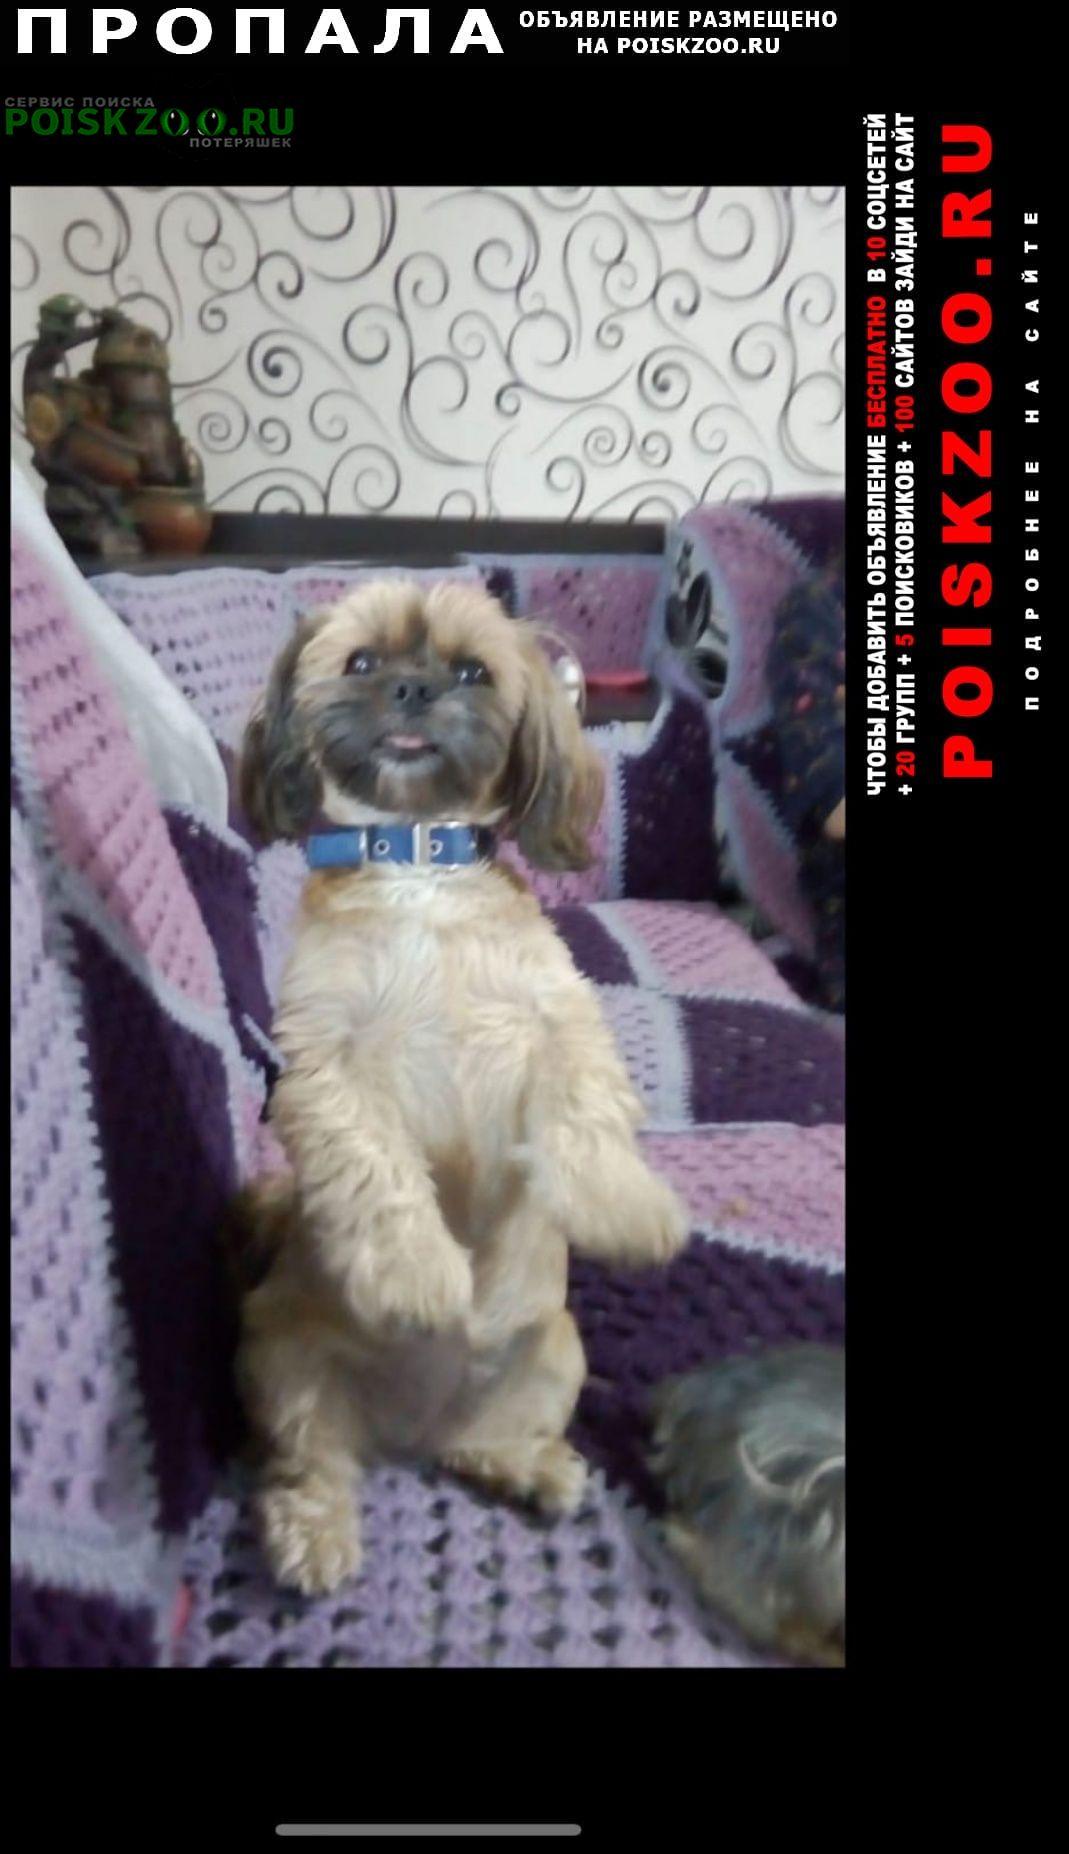 Пропала собака в снт северный электр-ль Электросталь